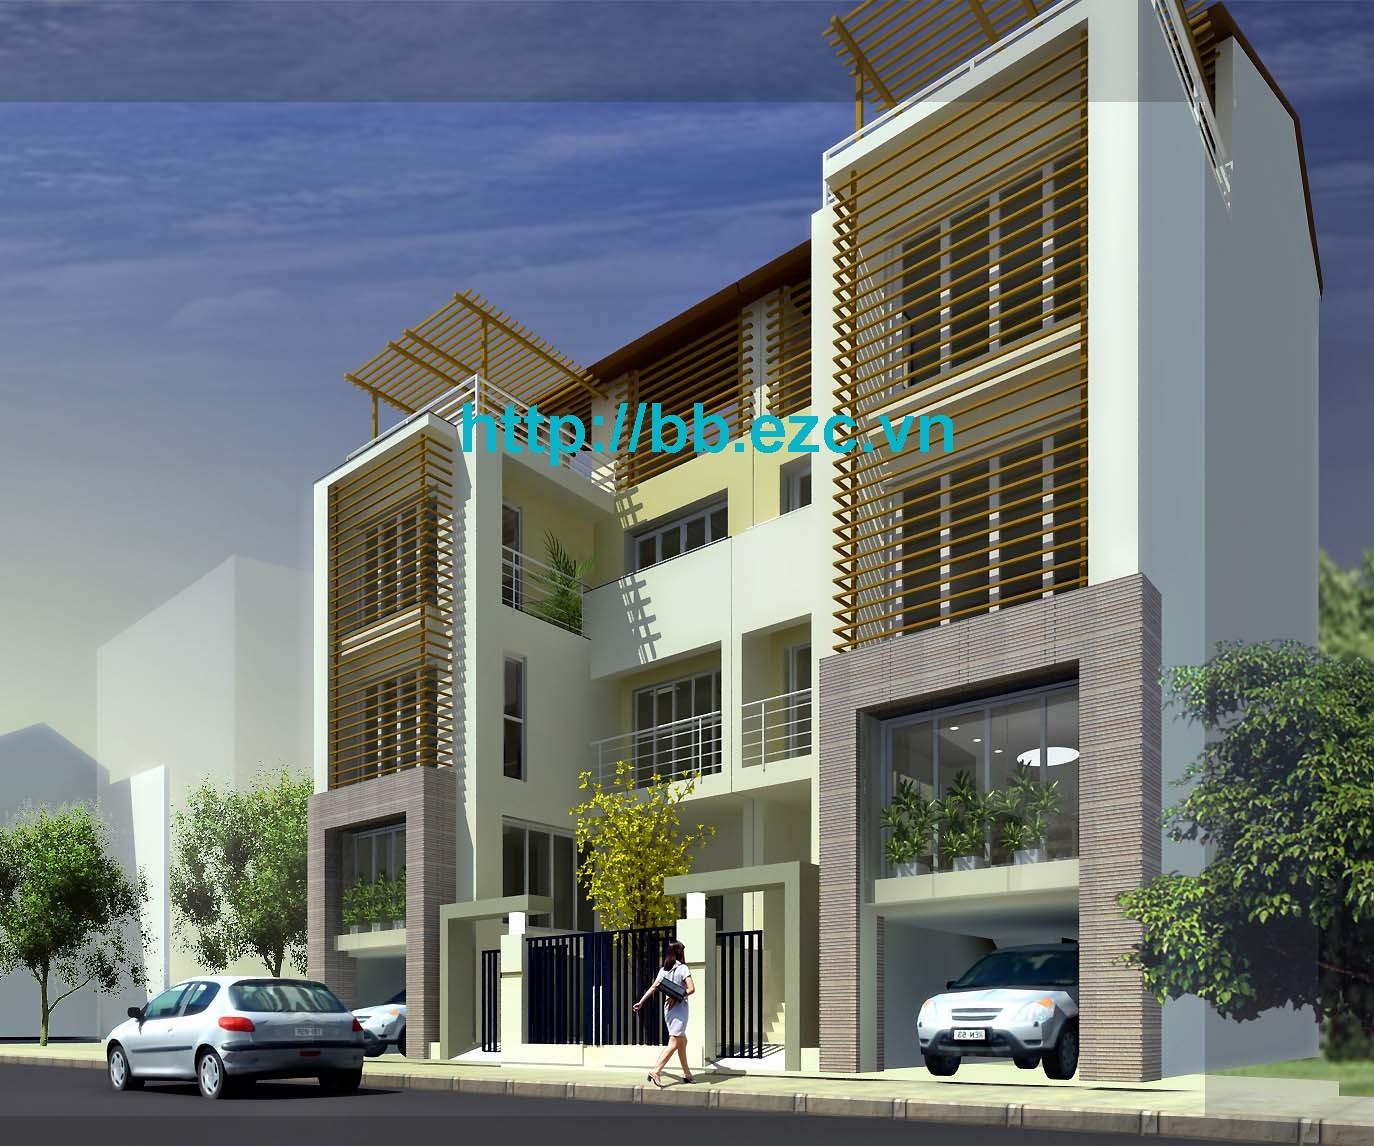 Phối cảnh nhà phố 8x12m song lập - Sân trước liên hợp hai nhà tạo hình khối, chi tiết sinh động